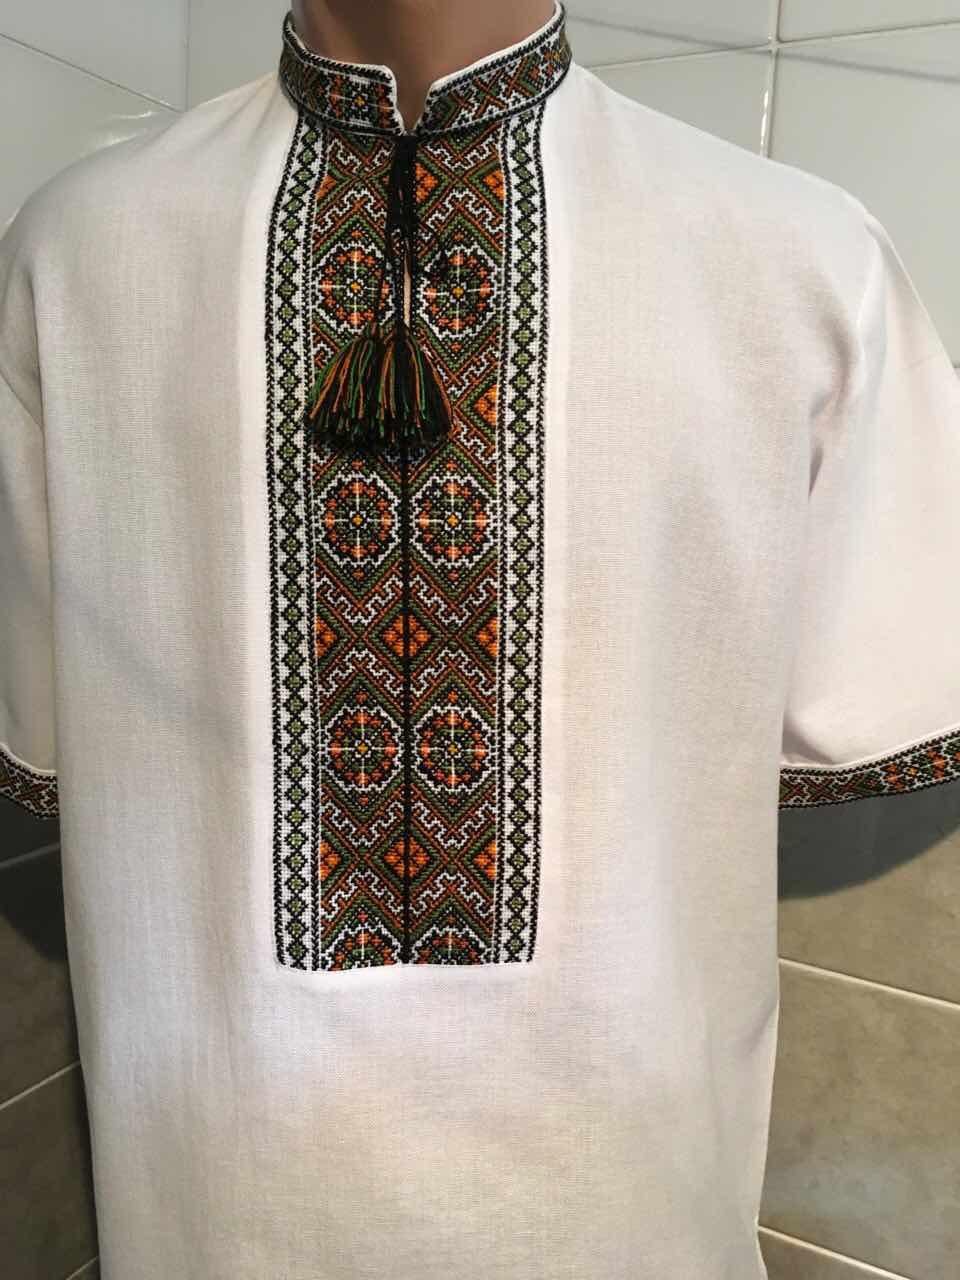 Біла вишита сорочка чоловіча на короткий рукав 46 розмір - Скарбниця  Карпат- інтернет магазин виробів 9bf50314f39f6